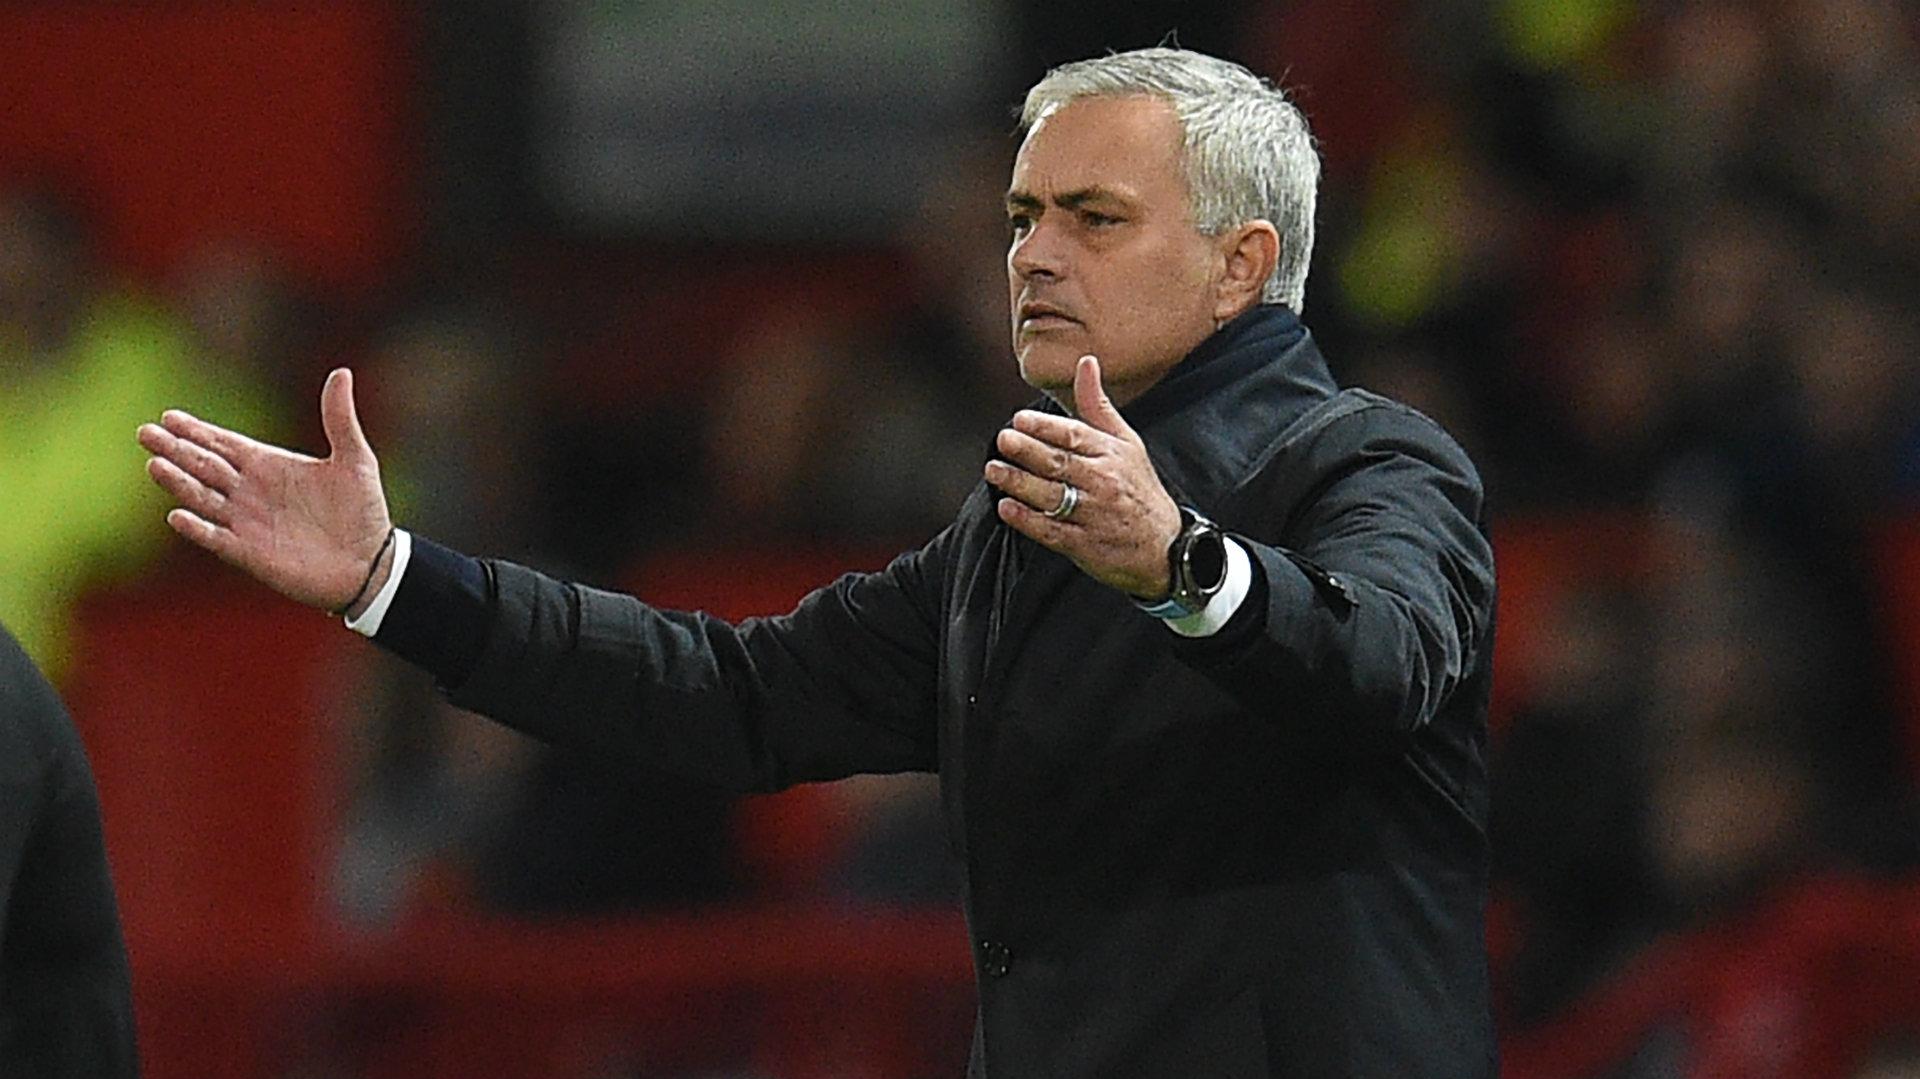 Pretending Injuries Mourinho Takes Shot At Man Utd